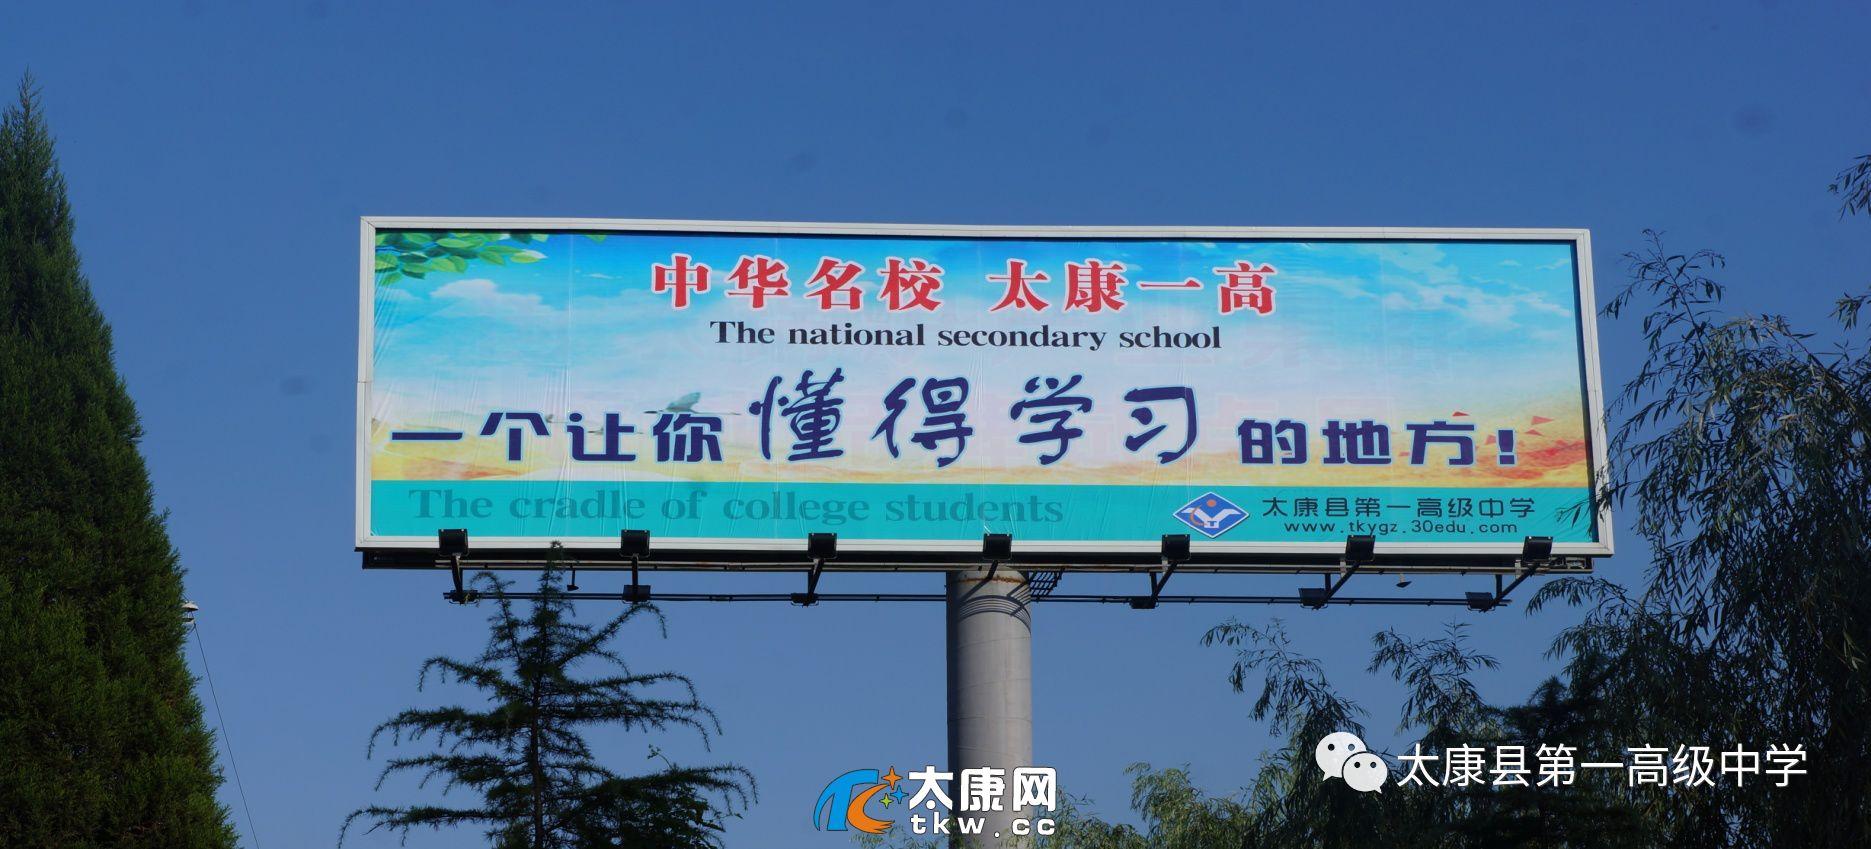 太康一高 上榜清华北大学生名单公布